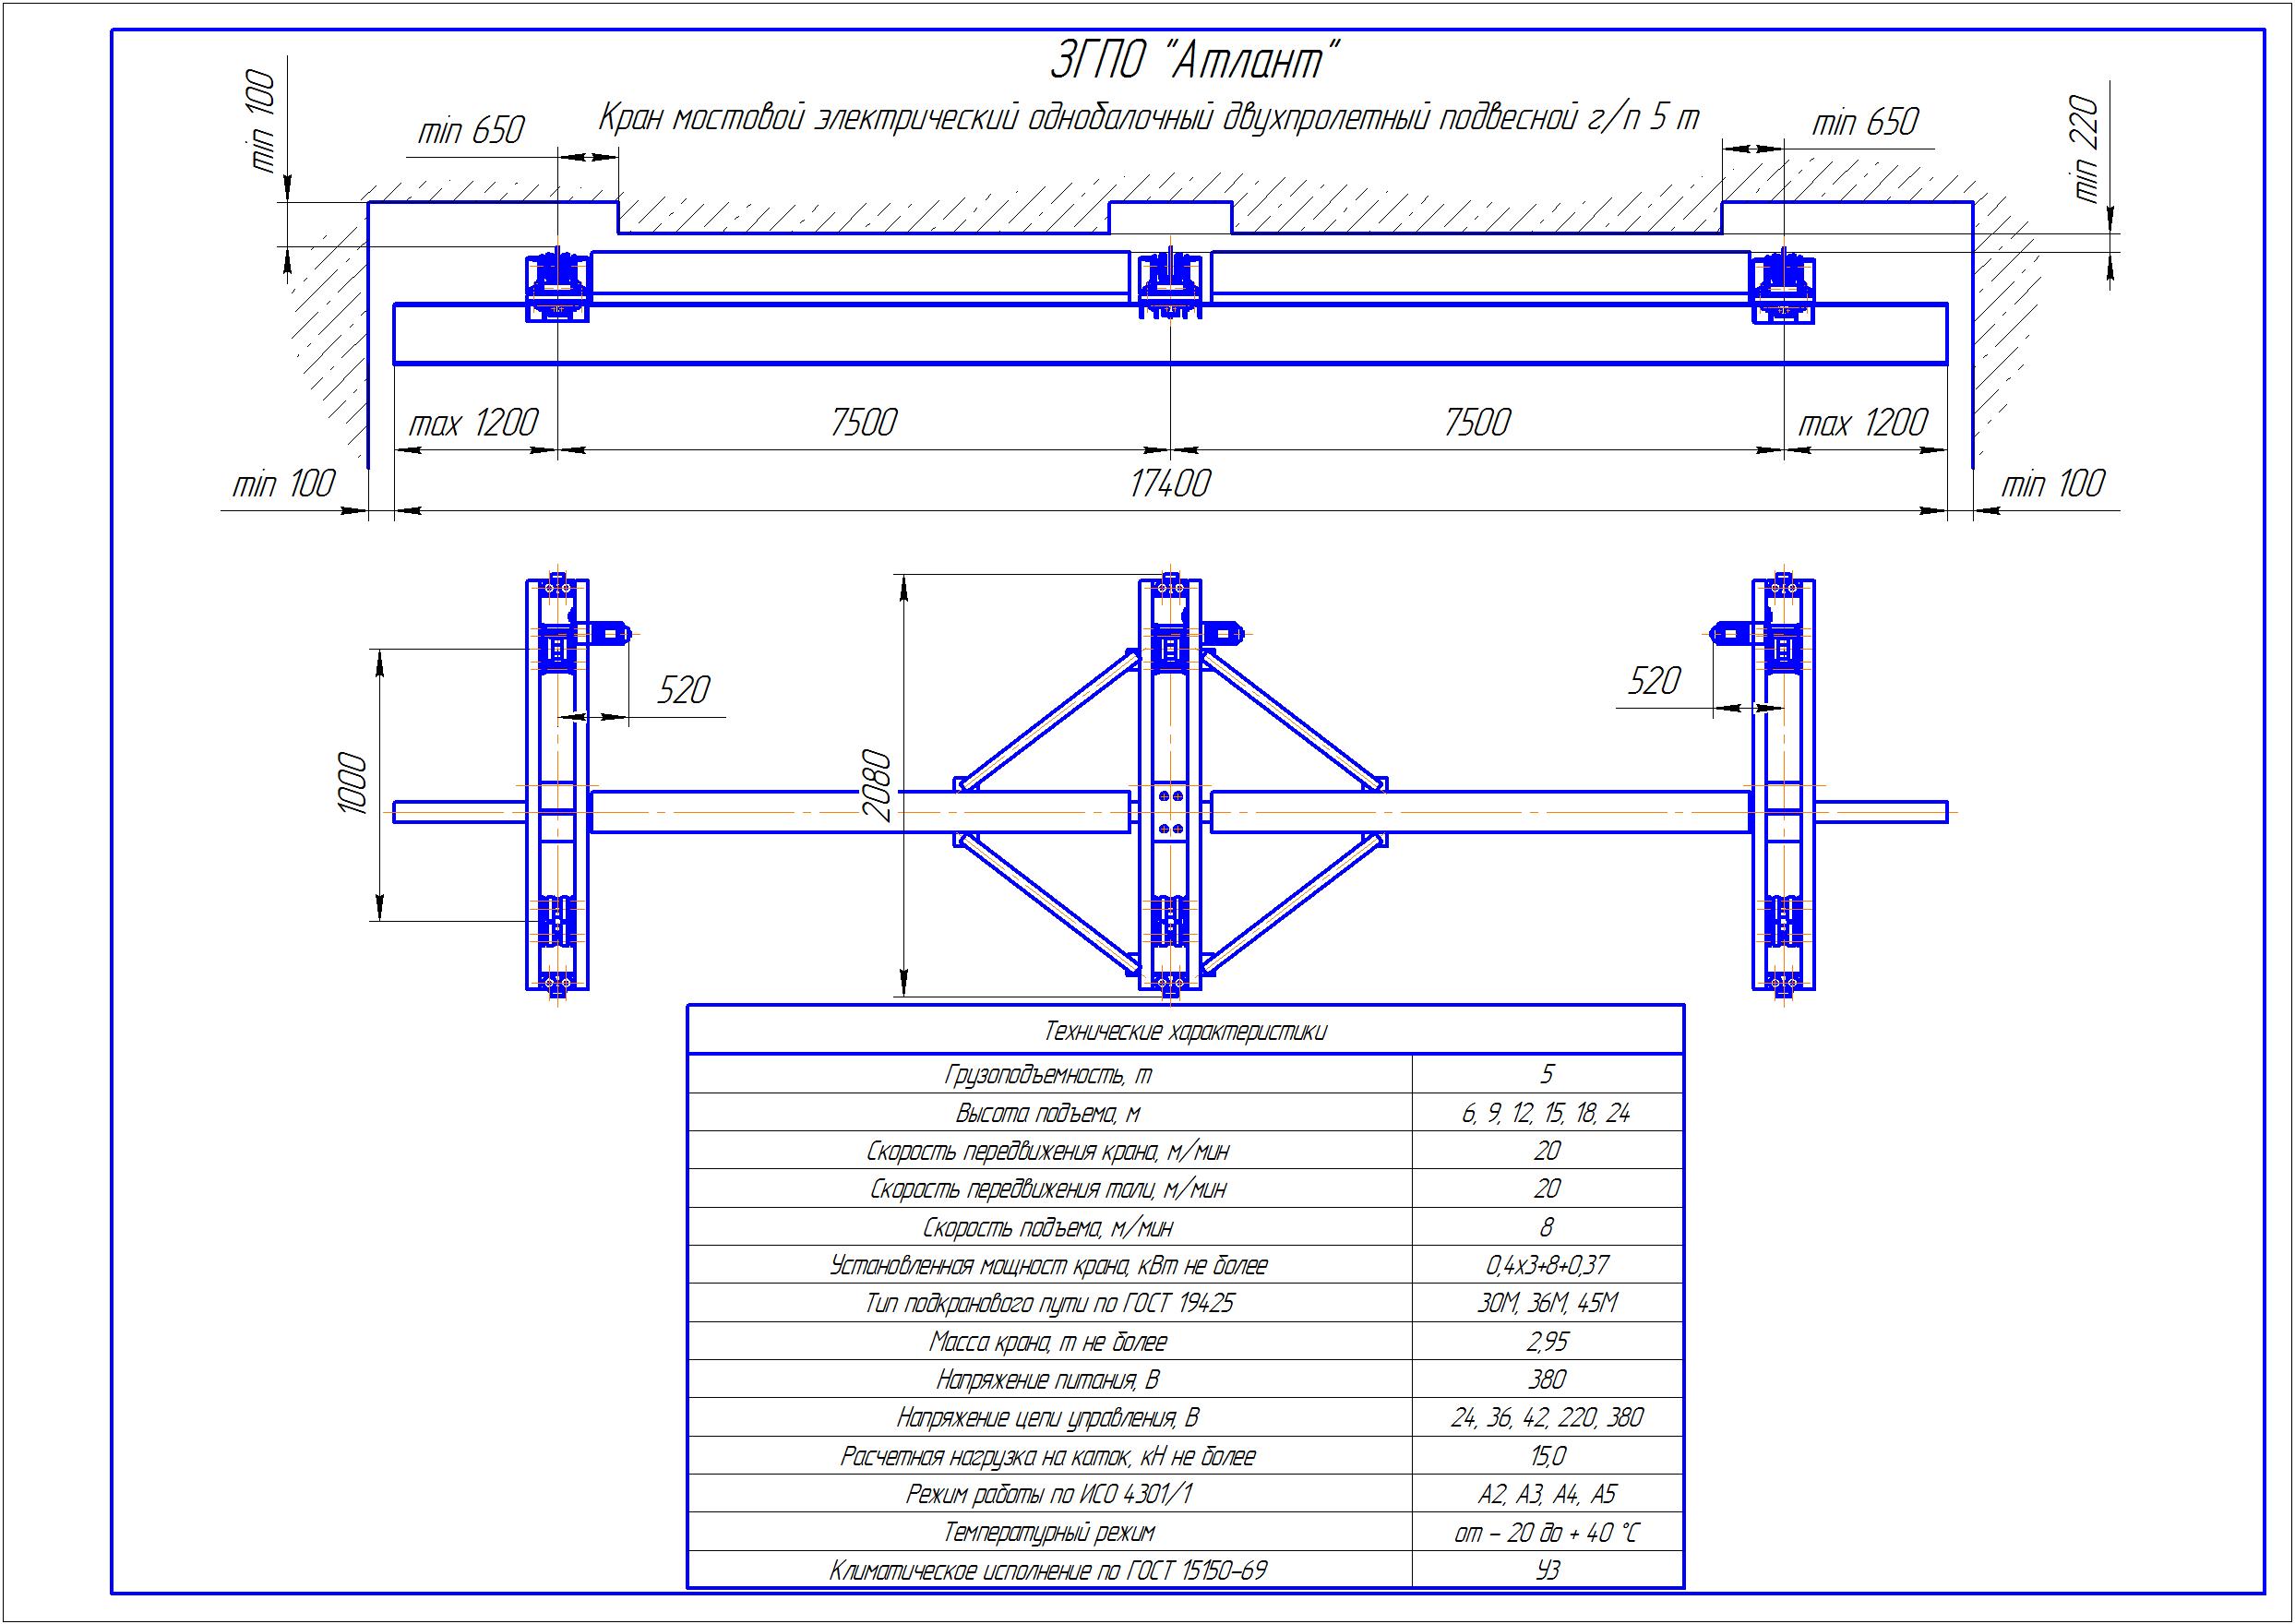 KBPD 4 1 - Подвесная кран балка двухпролетная